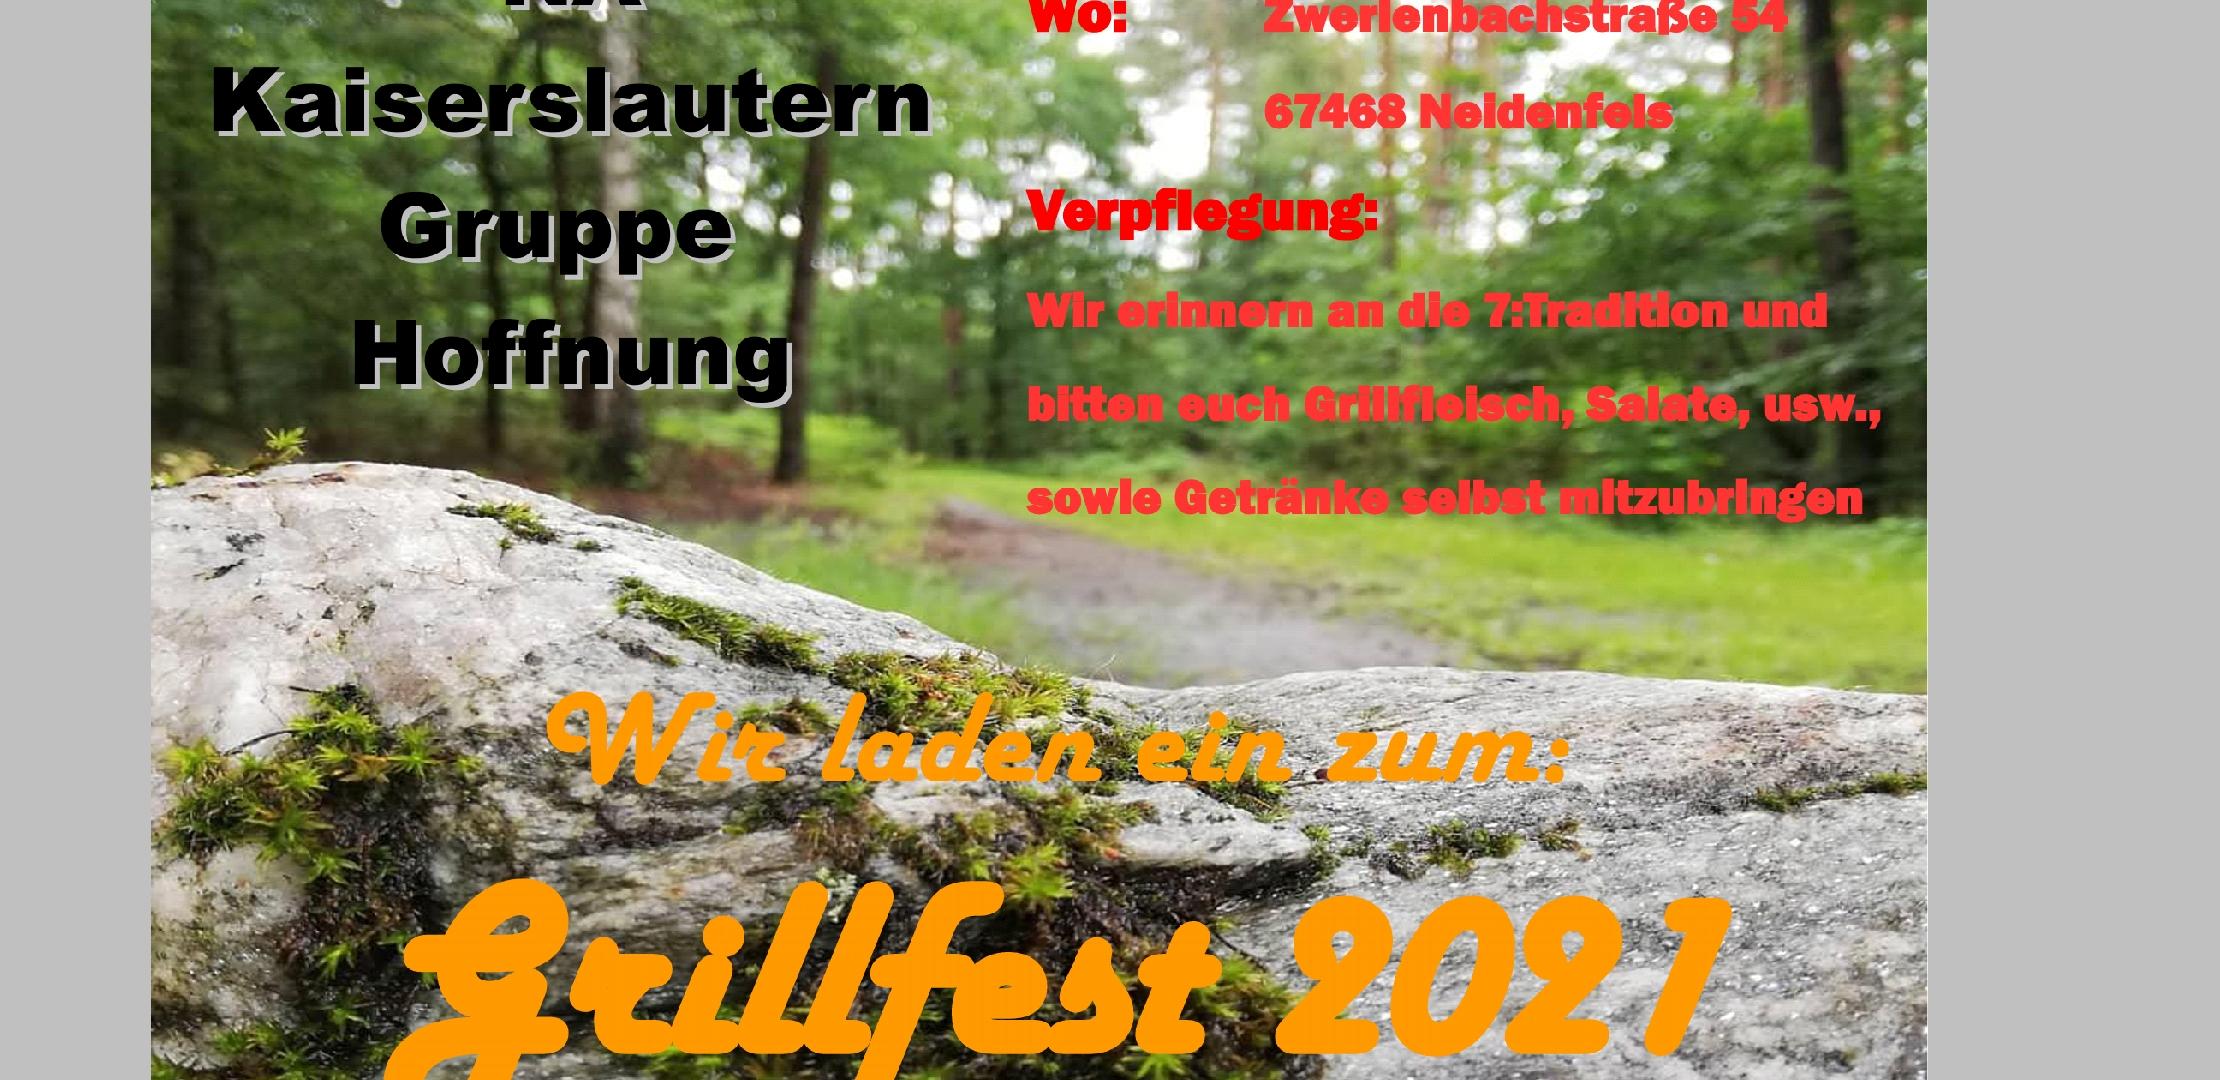 Grillfest in Neidenfels (im Pfälzerwald)